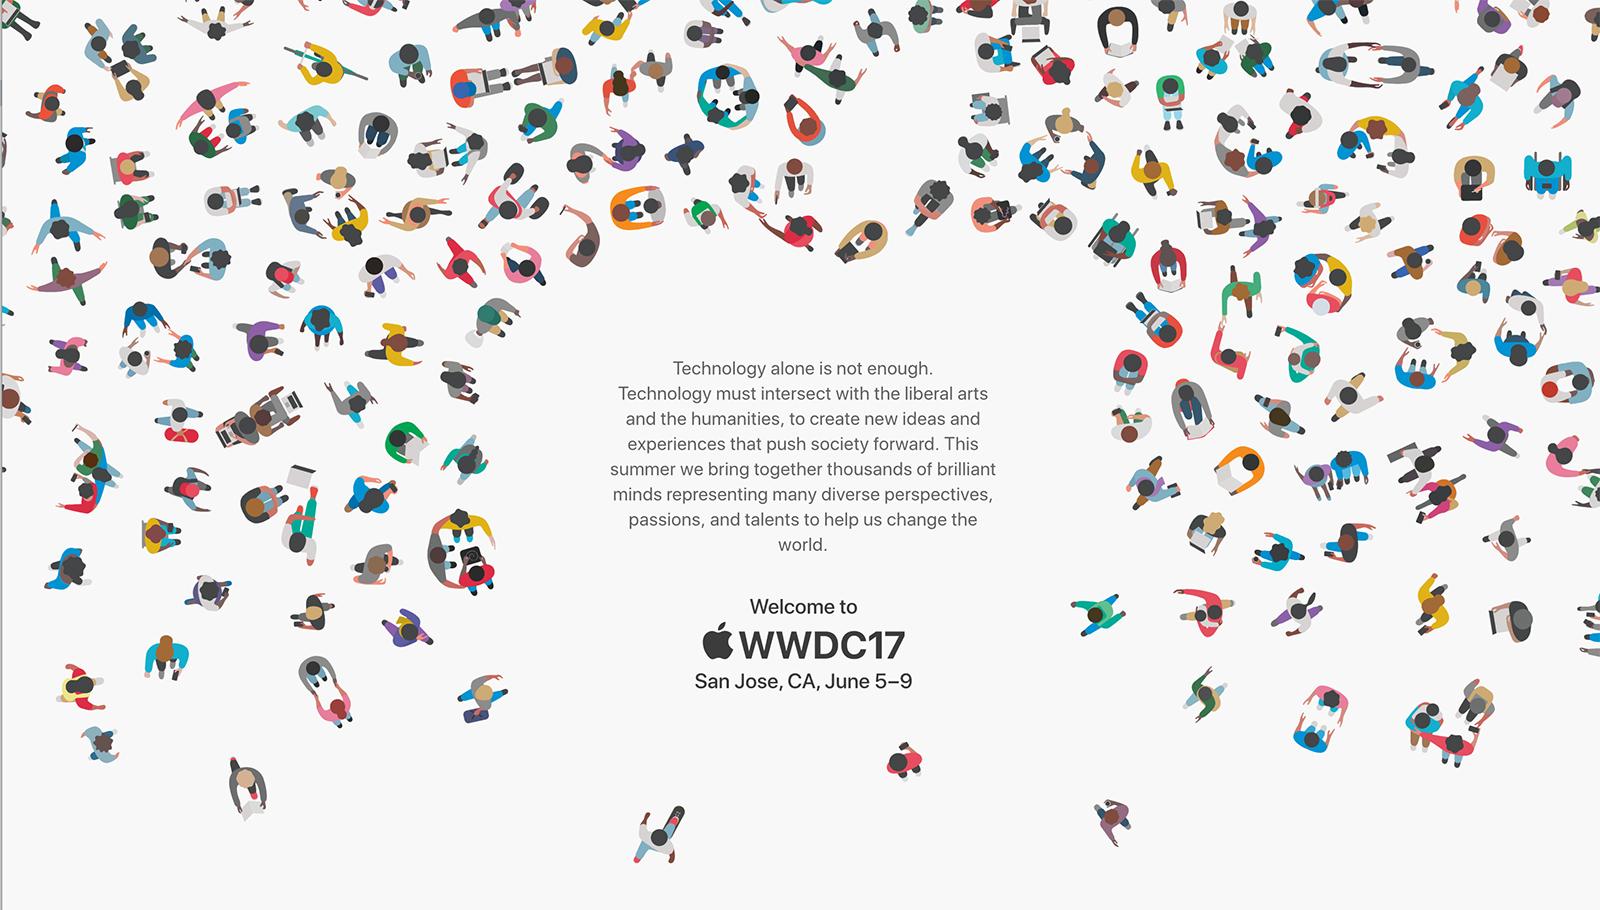 wwdc2017 invitation